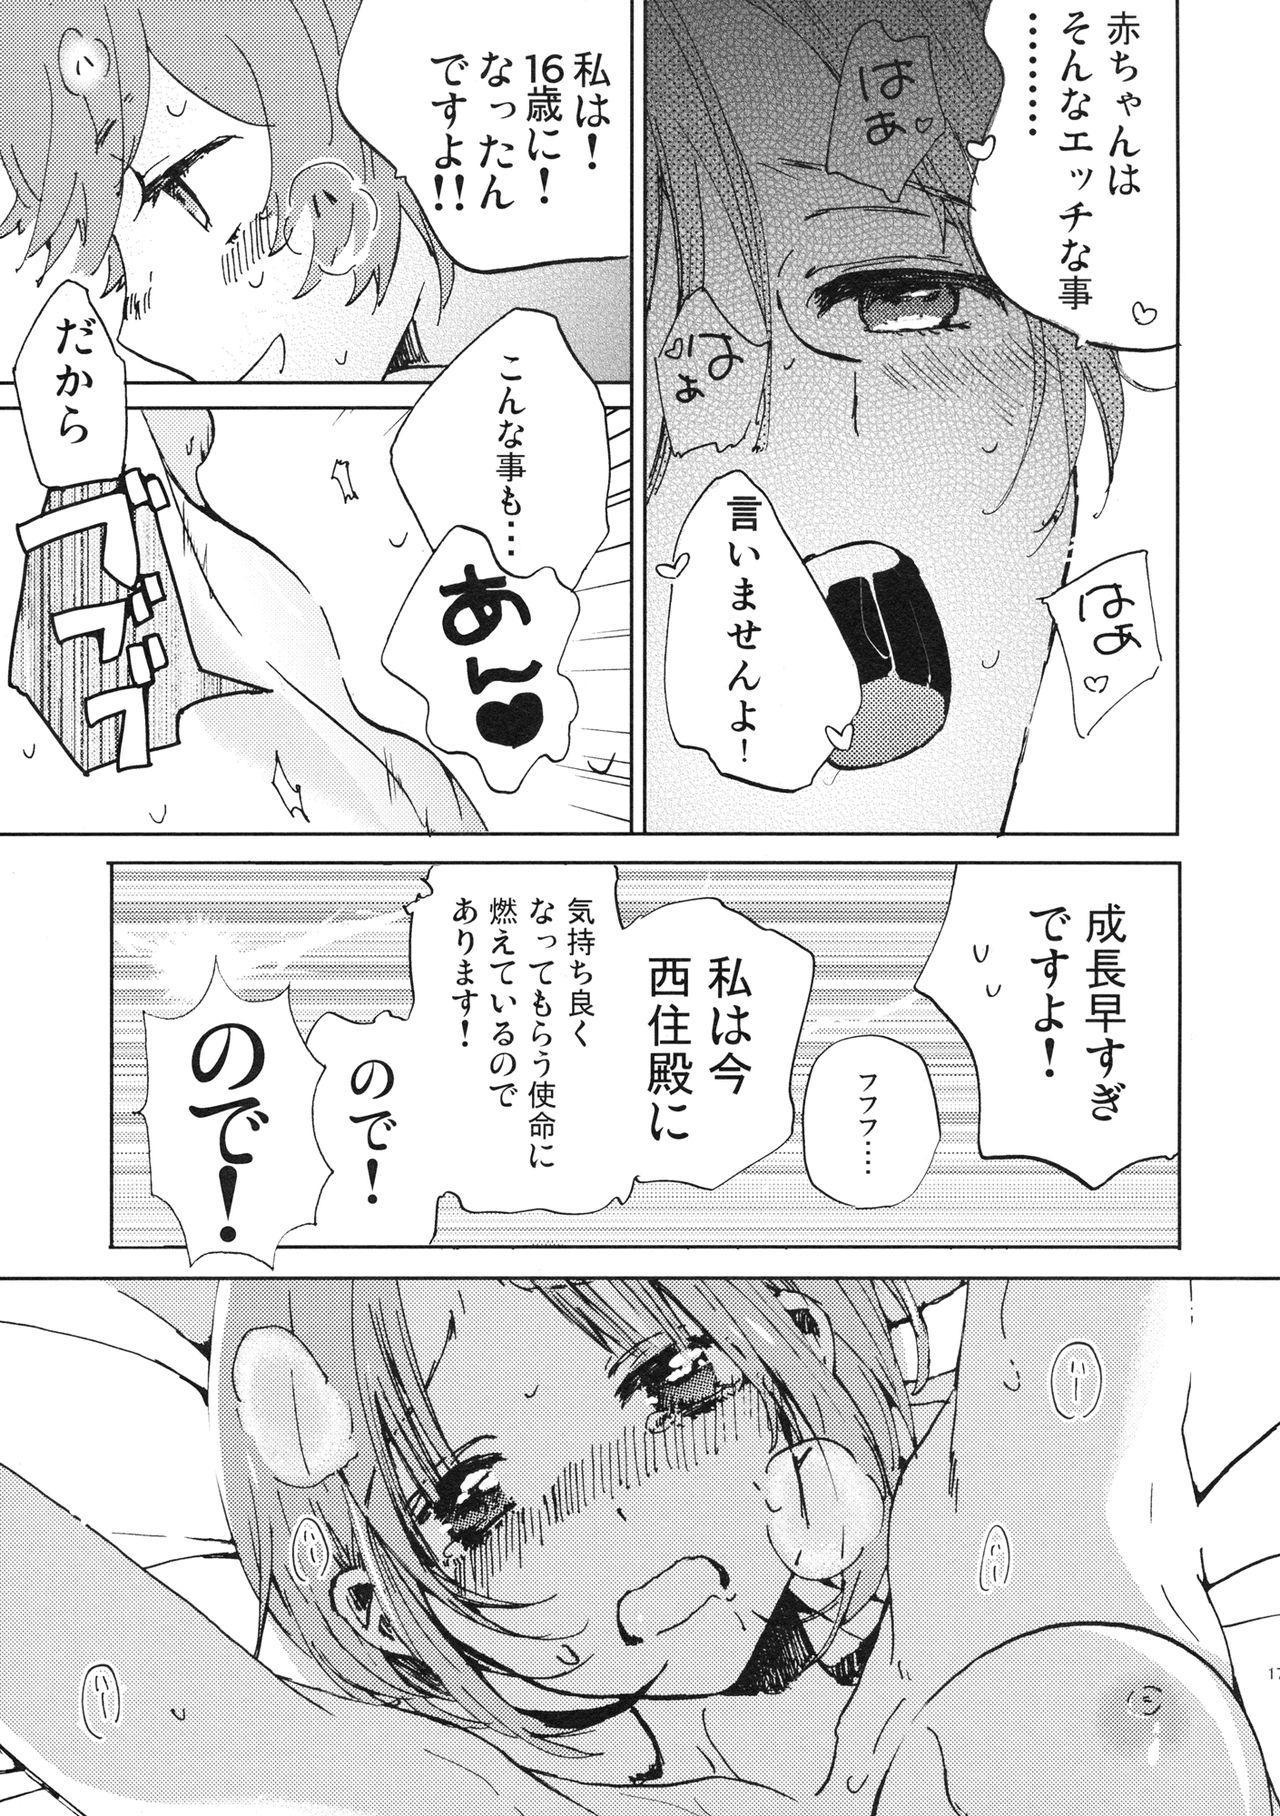 Natsu wa Aka-chan Play to Chimou to, Hanabi o Mite Kiss o Suru no da. 15